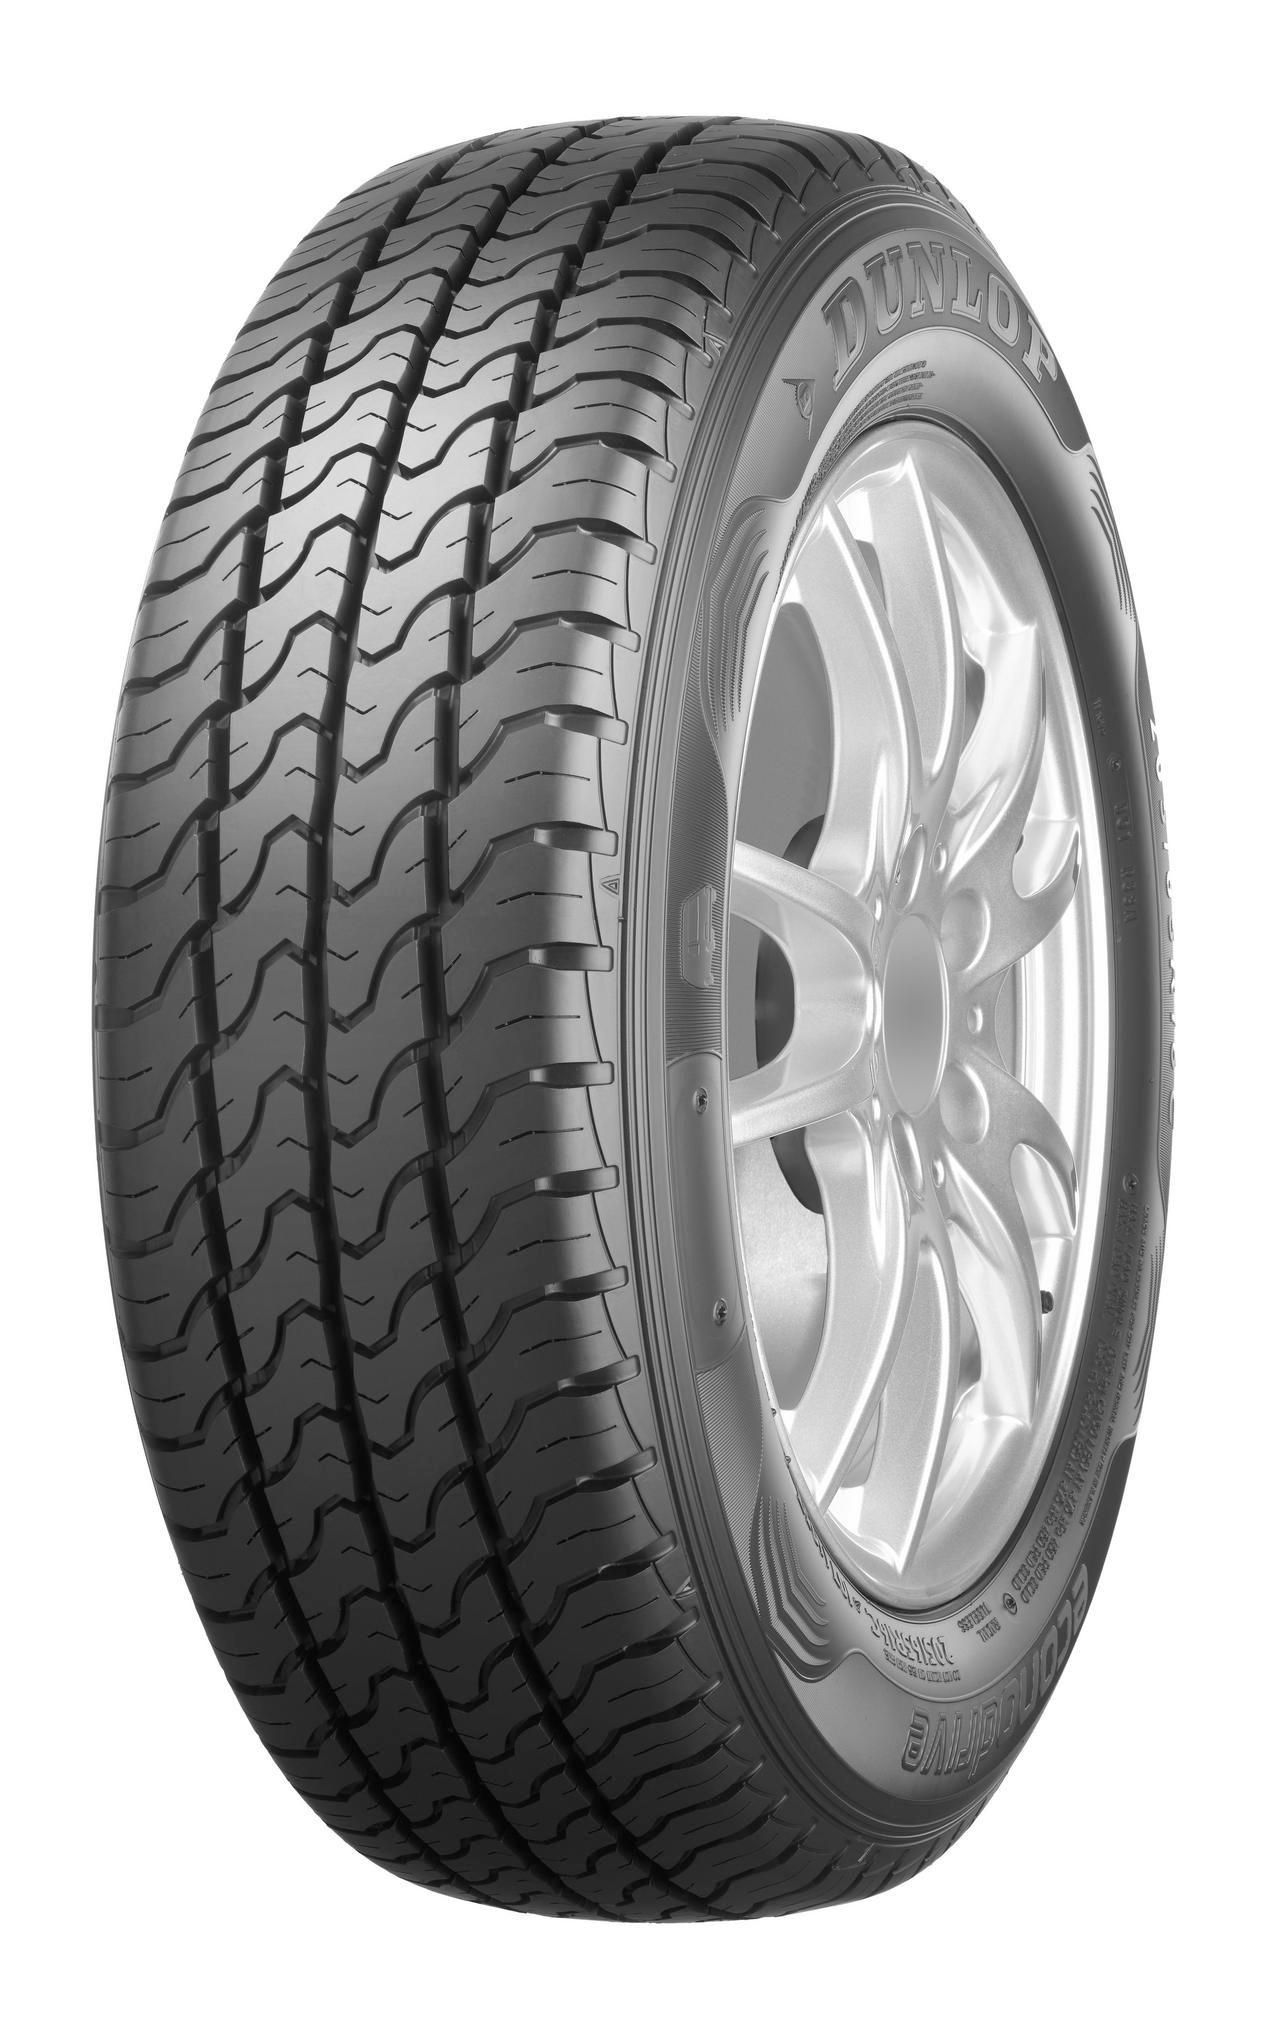 Dunlop Econodrive 205/65R16C 107/105T